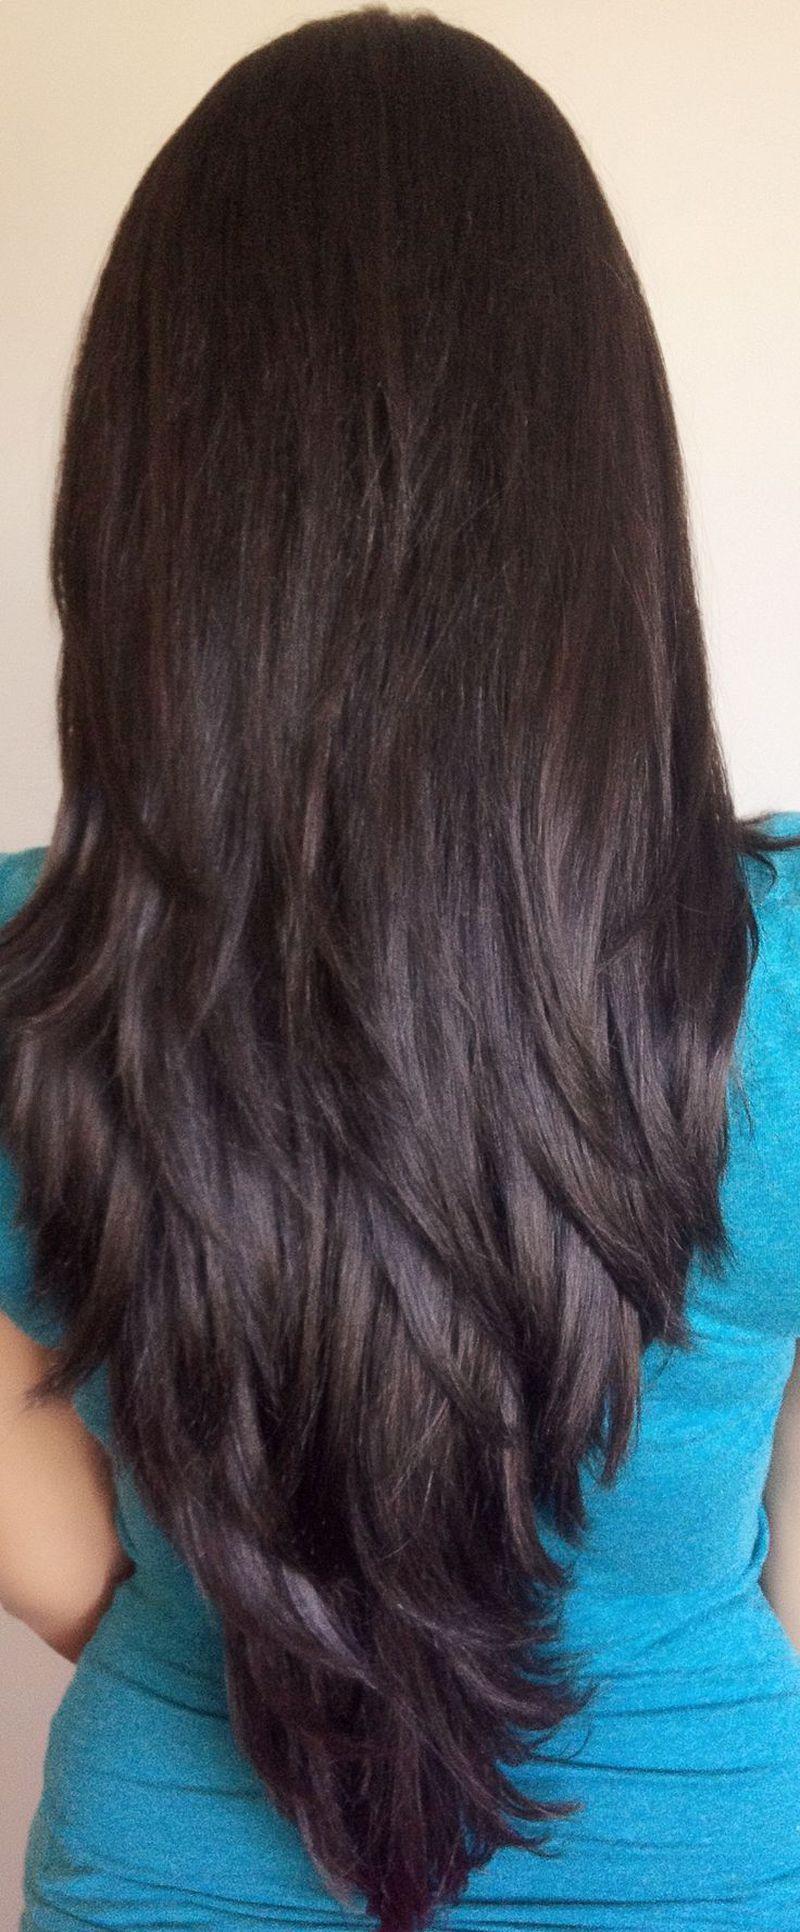 صورة انواع قصات الشعر , قصات متنوعه للشعر 2753 4